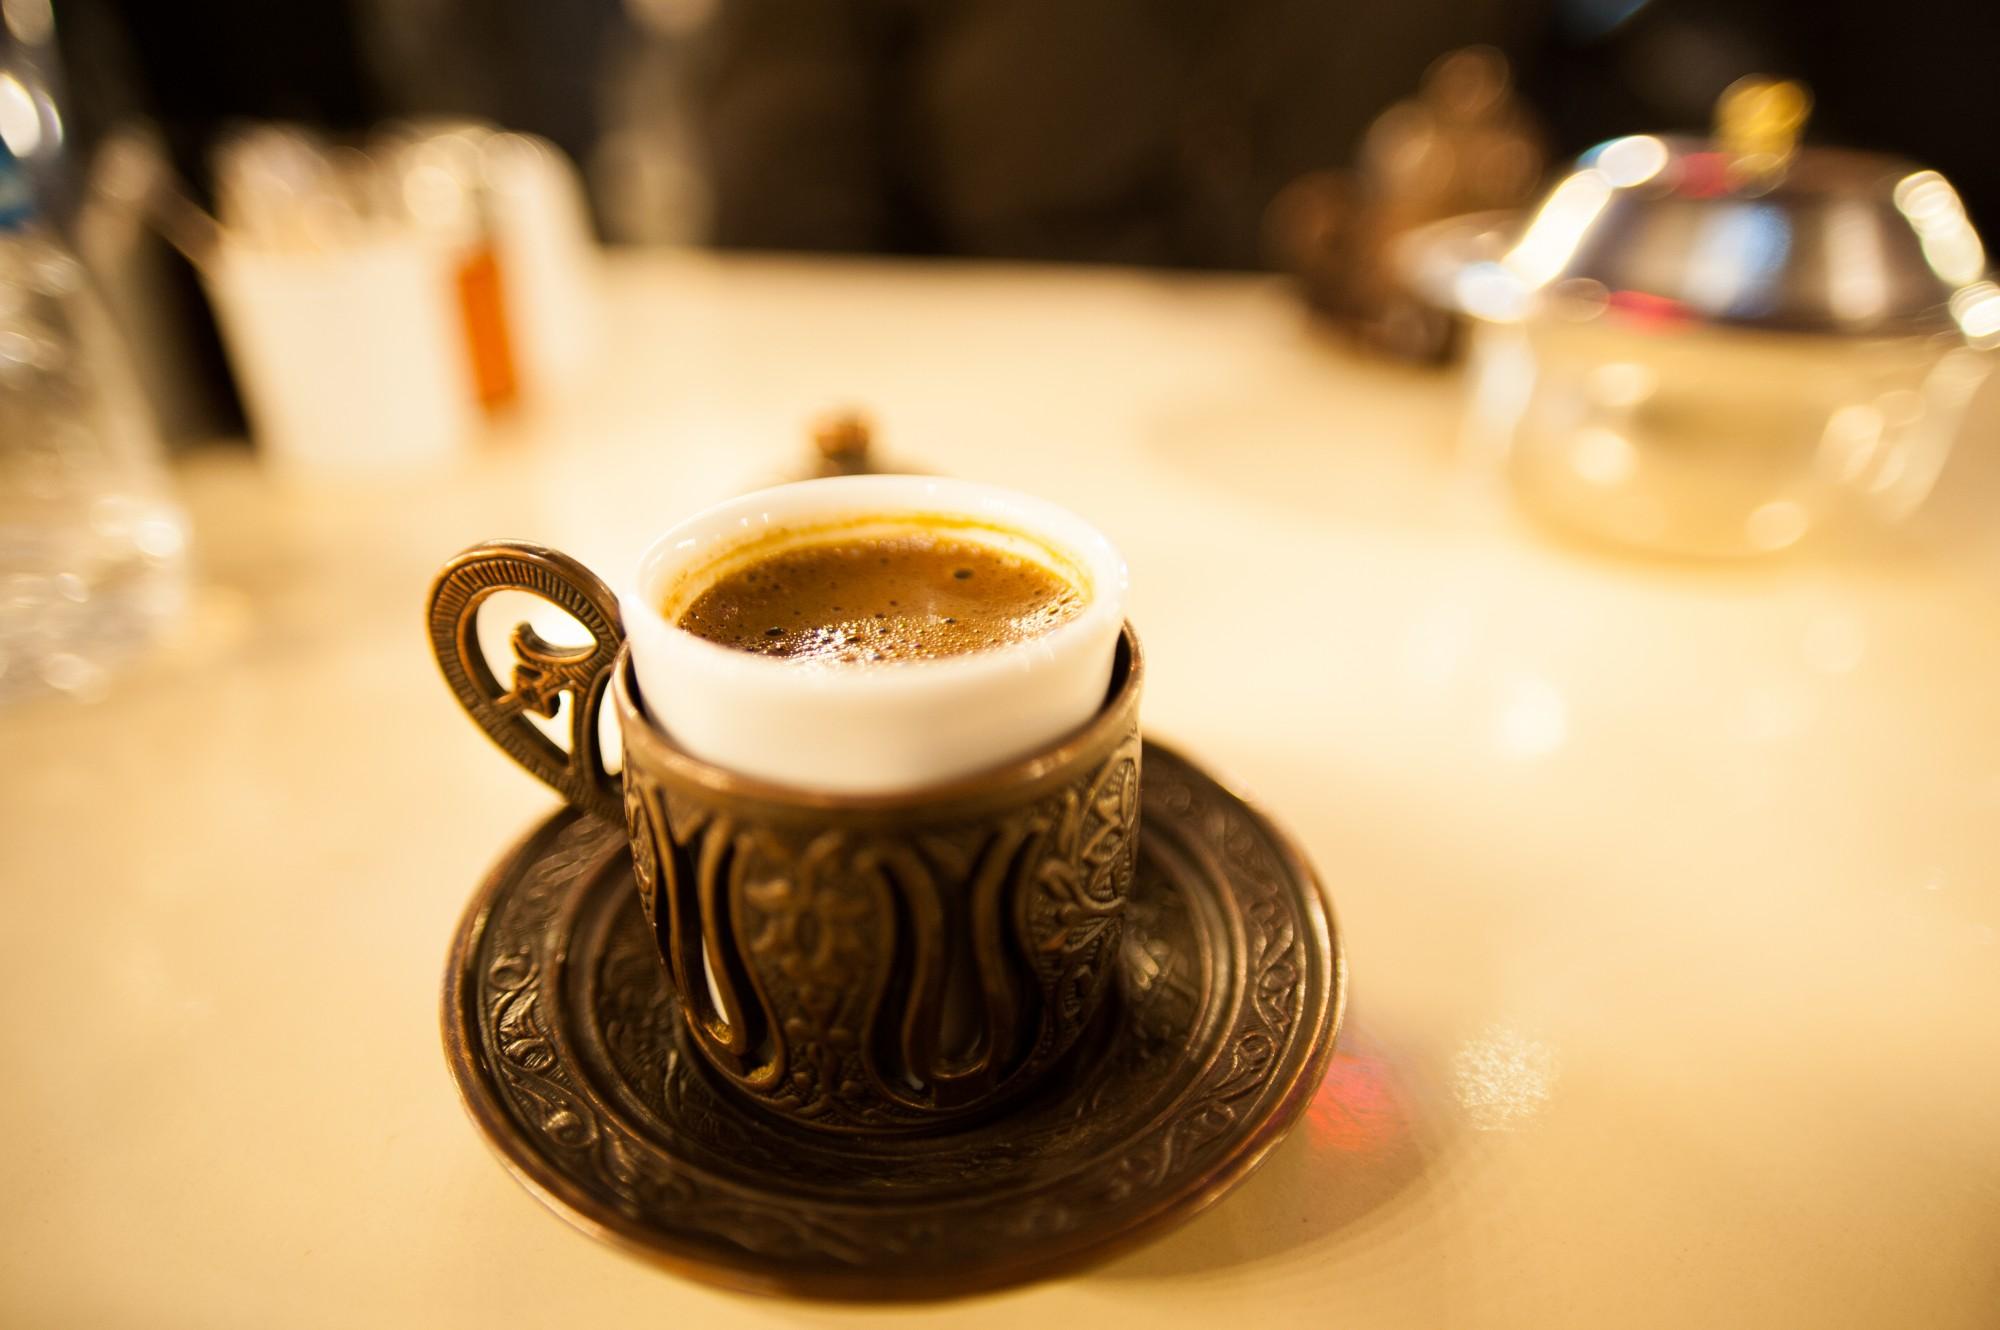 jenleephotography - türk kahvesi nasıl içilir?